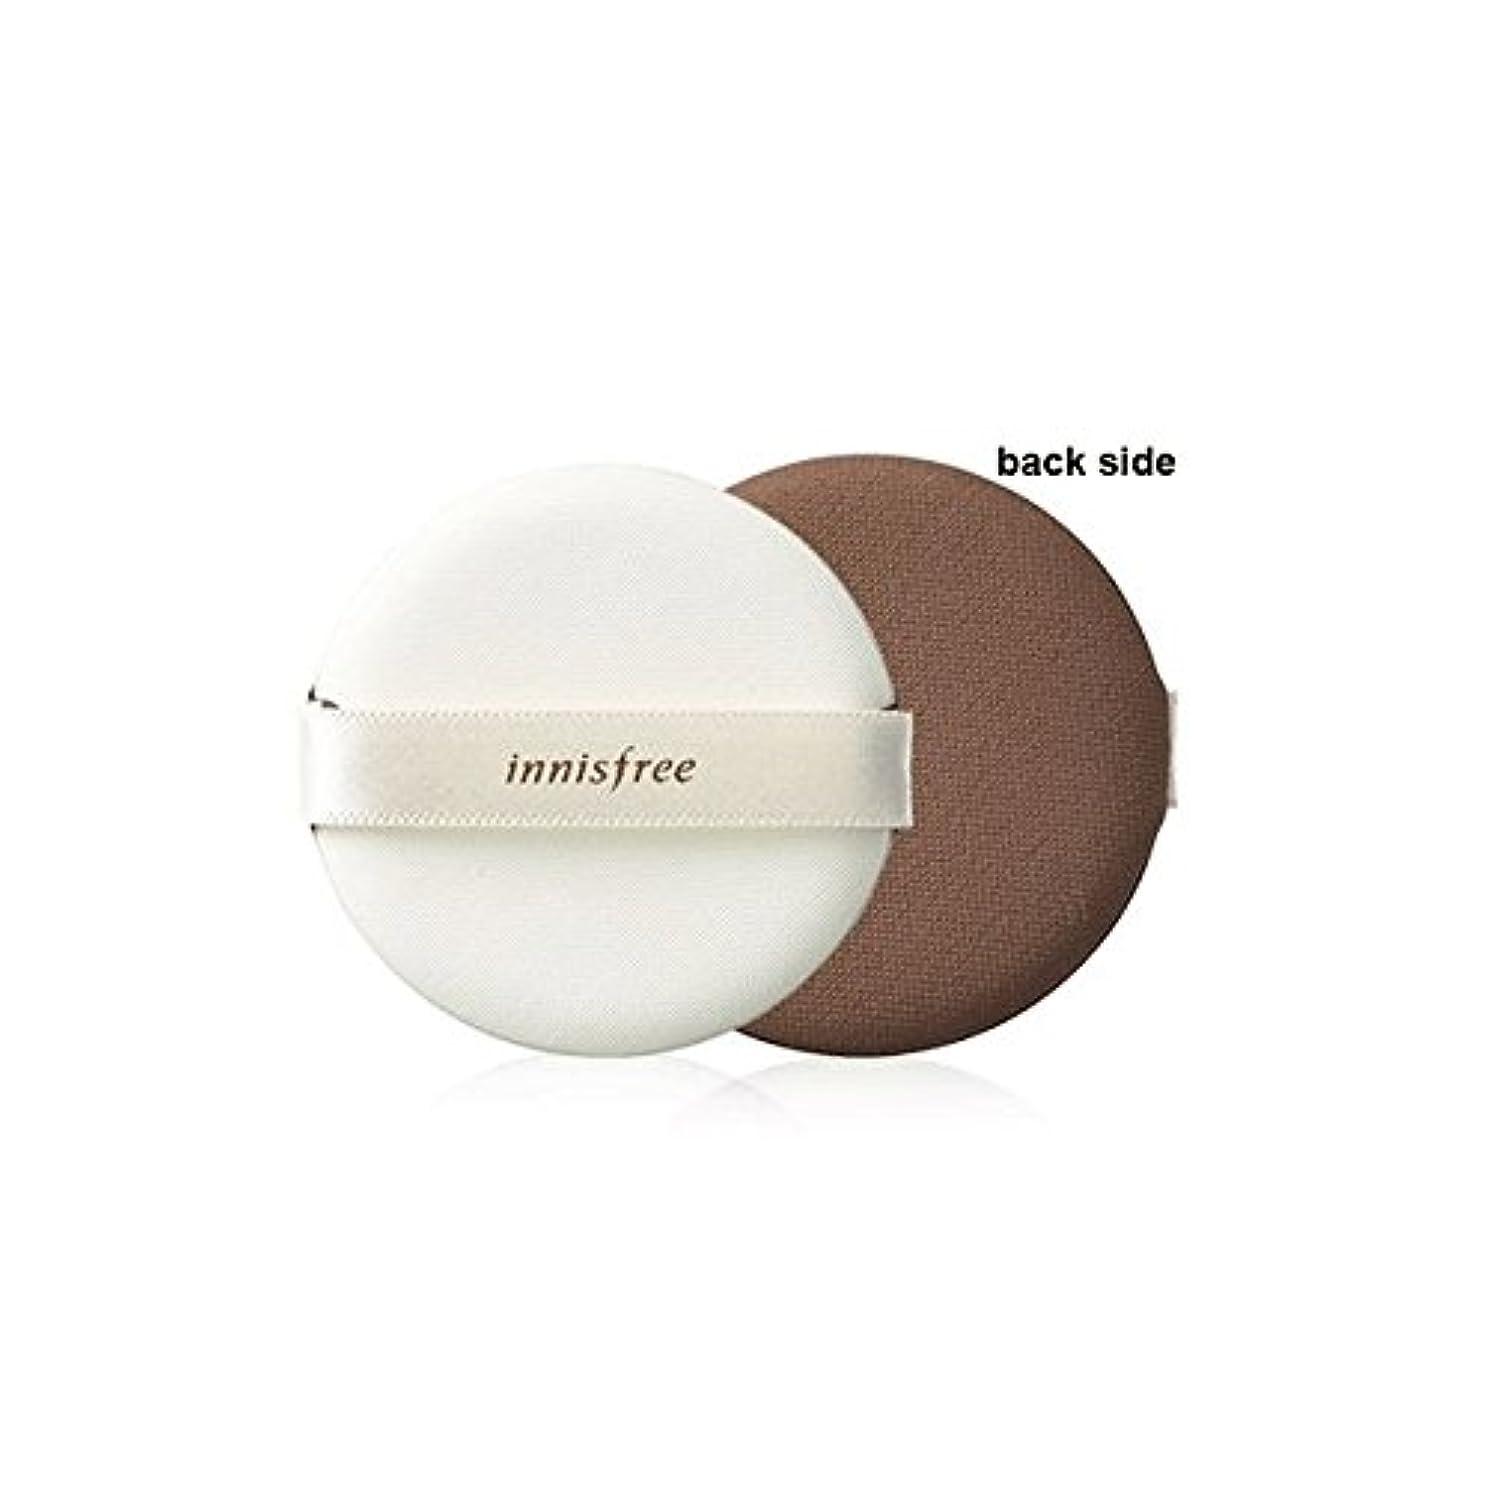 海嶺弓神秘的な[イニスプリー] Innisfree エアマジックパフ-密着 [Innisfree] Eco Beauty Tool Air Magic Puff-Fitting [海外直送品]